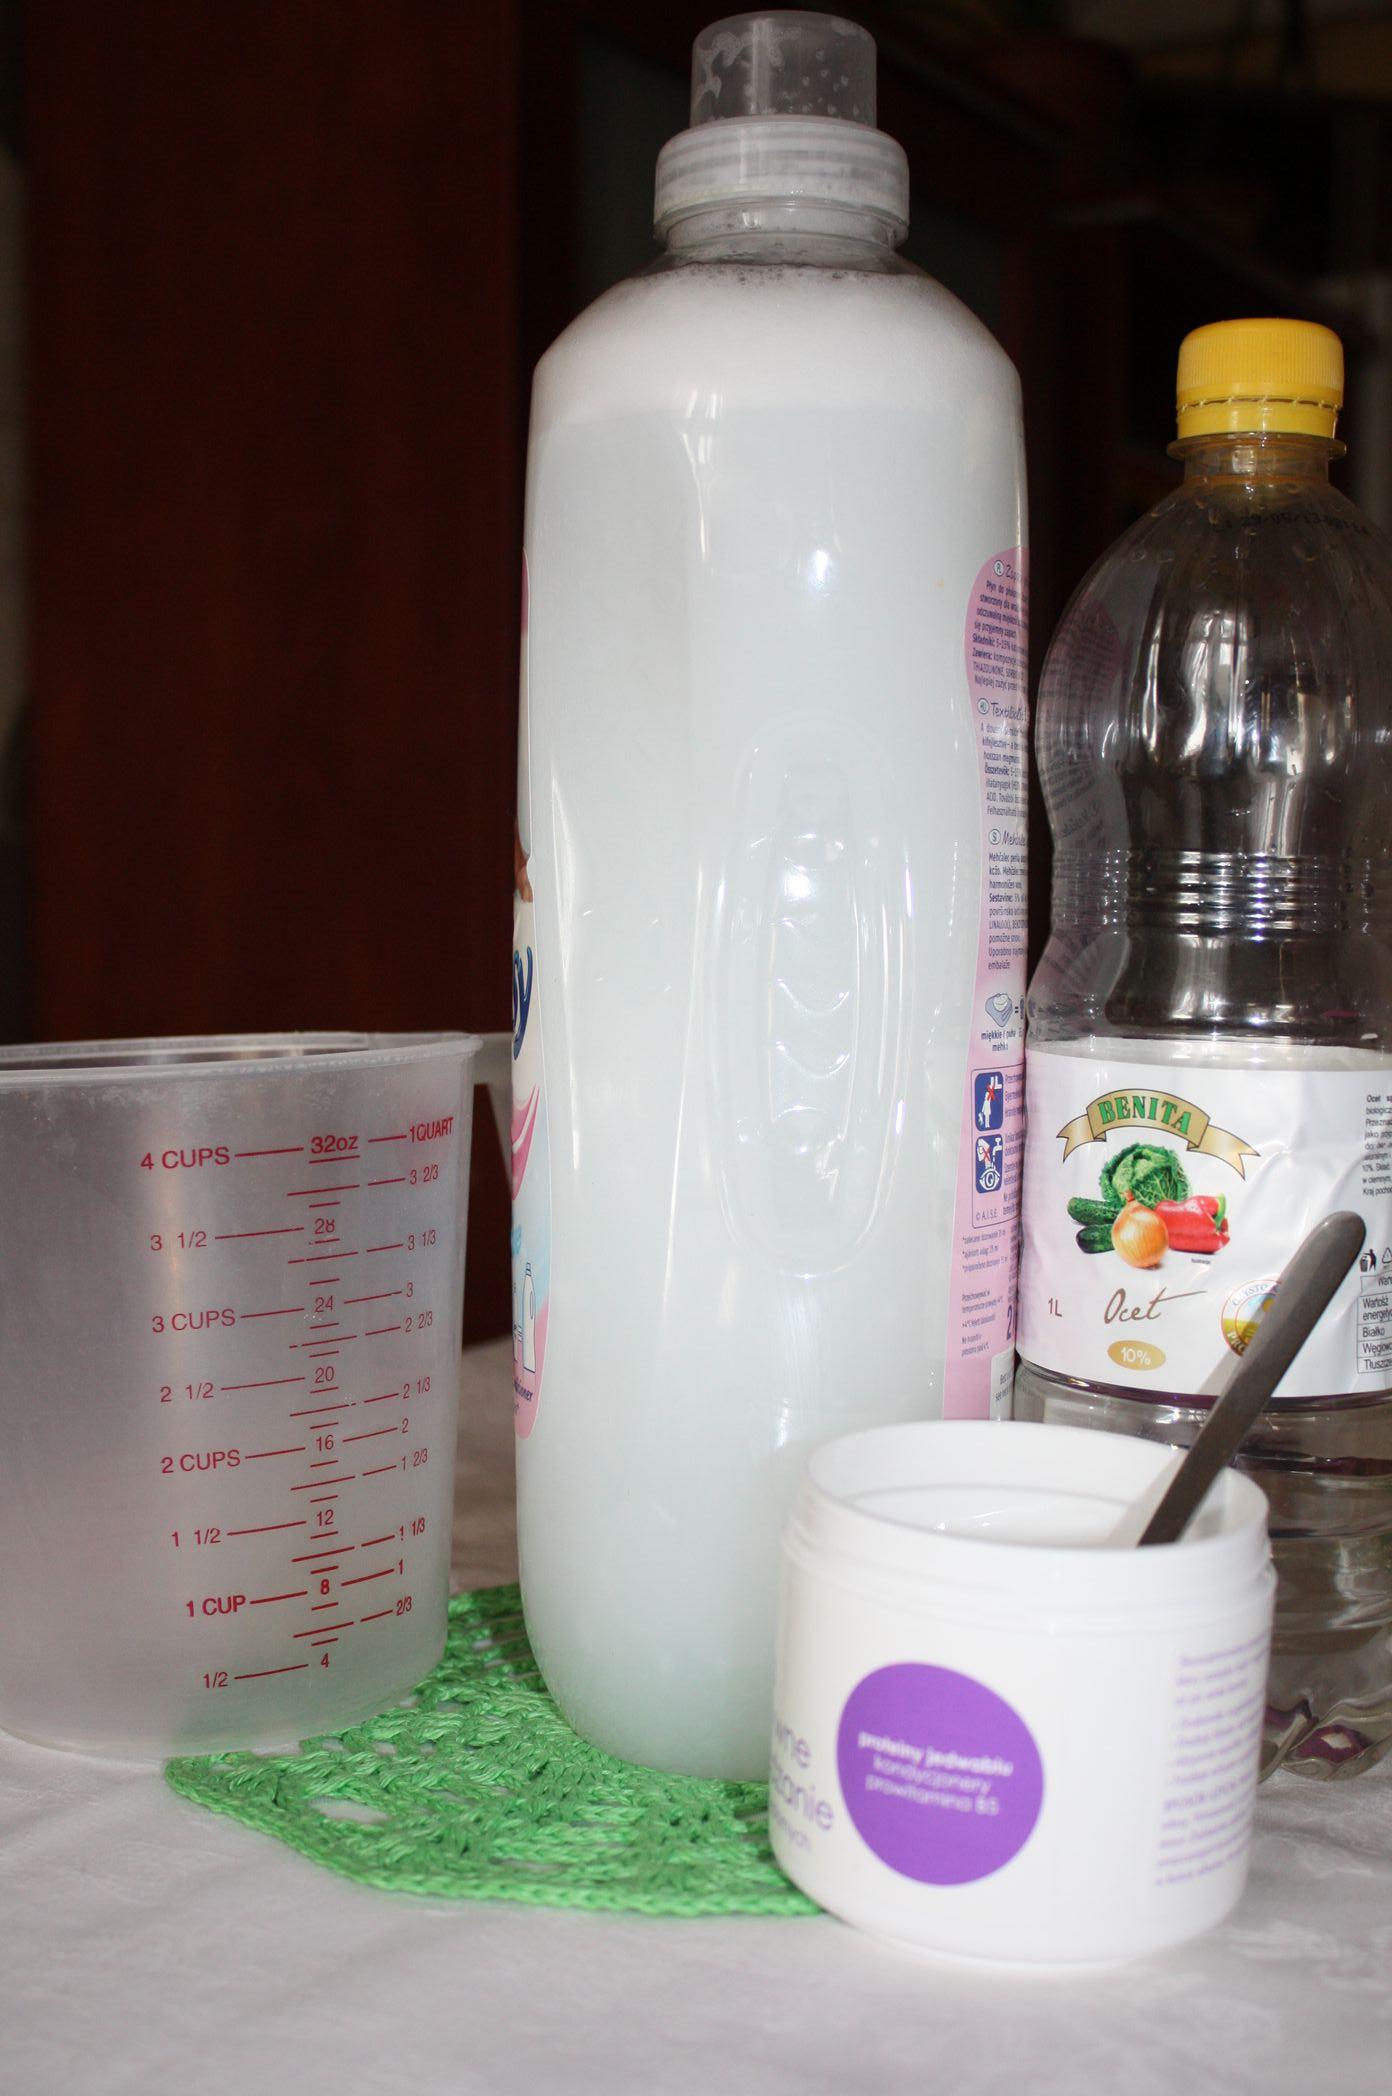 Zmiękczająco - wygładzający płyn do płukania tkanin.